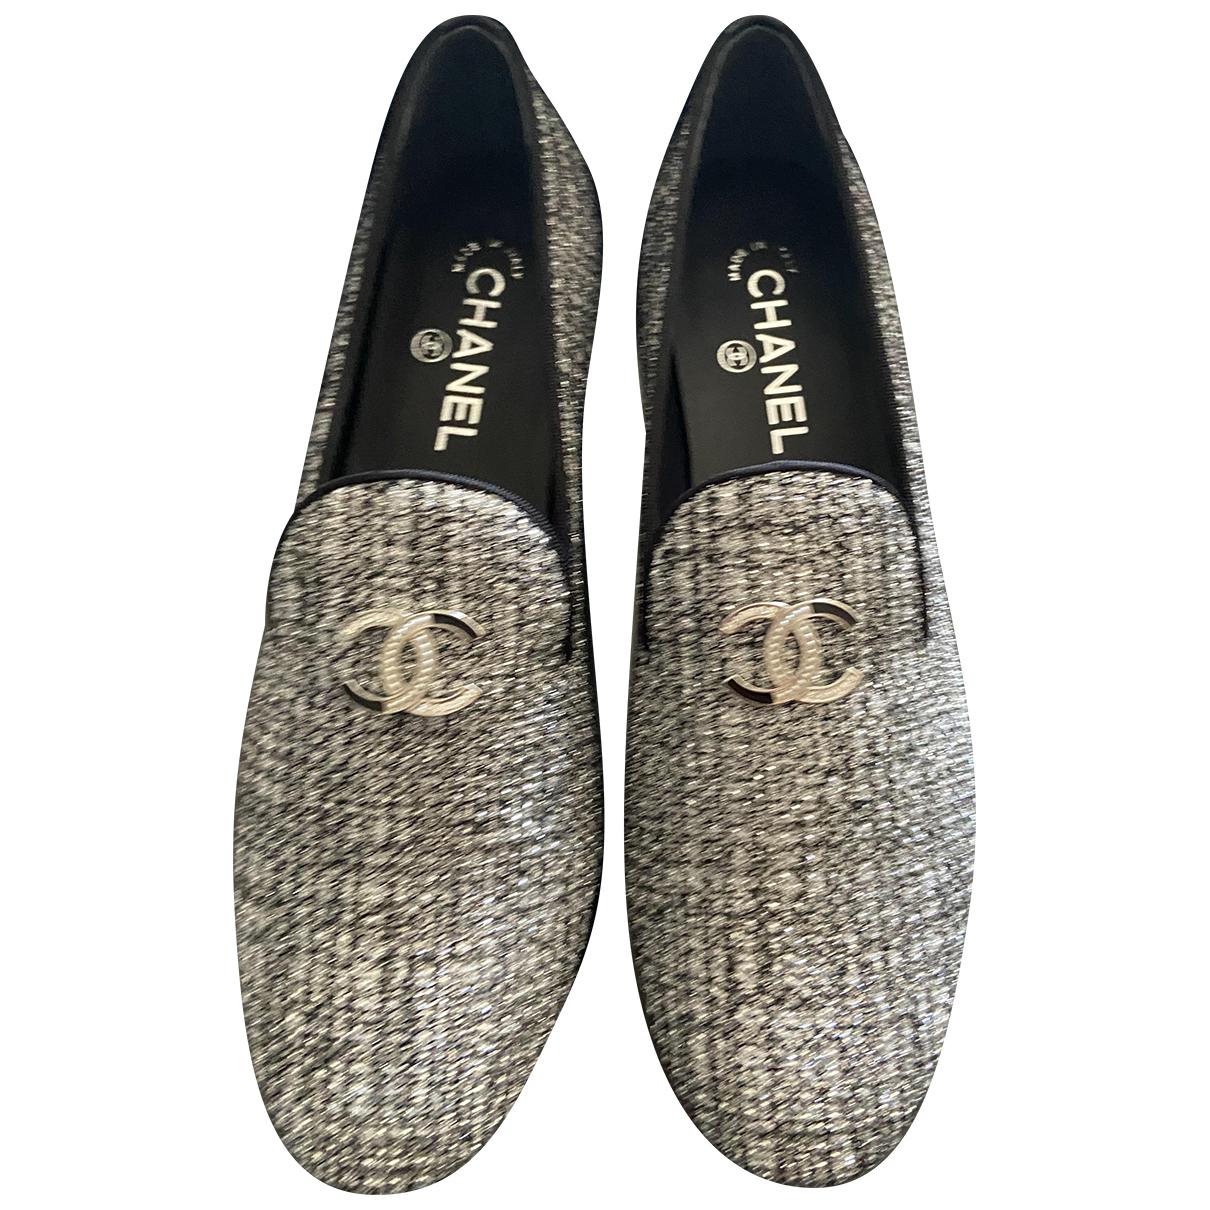 Chanel \N Mokassins in  Grau Leinen